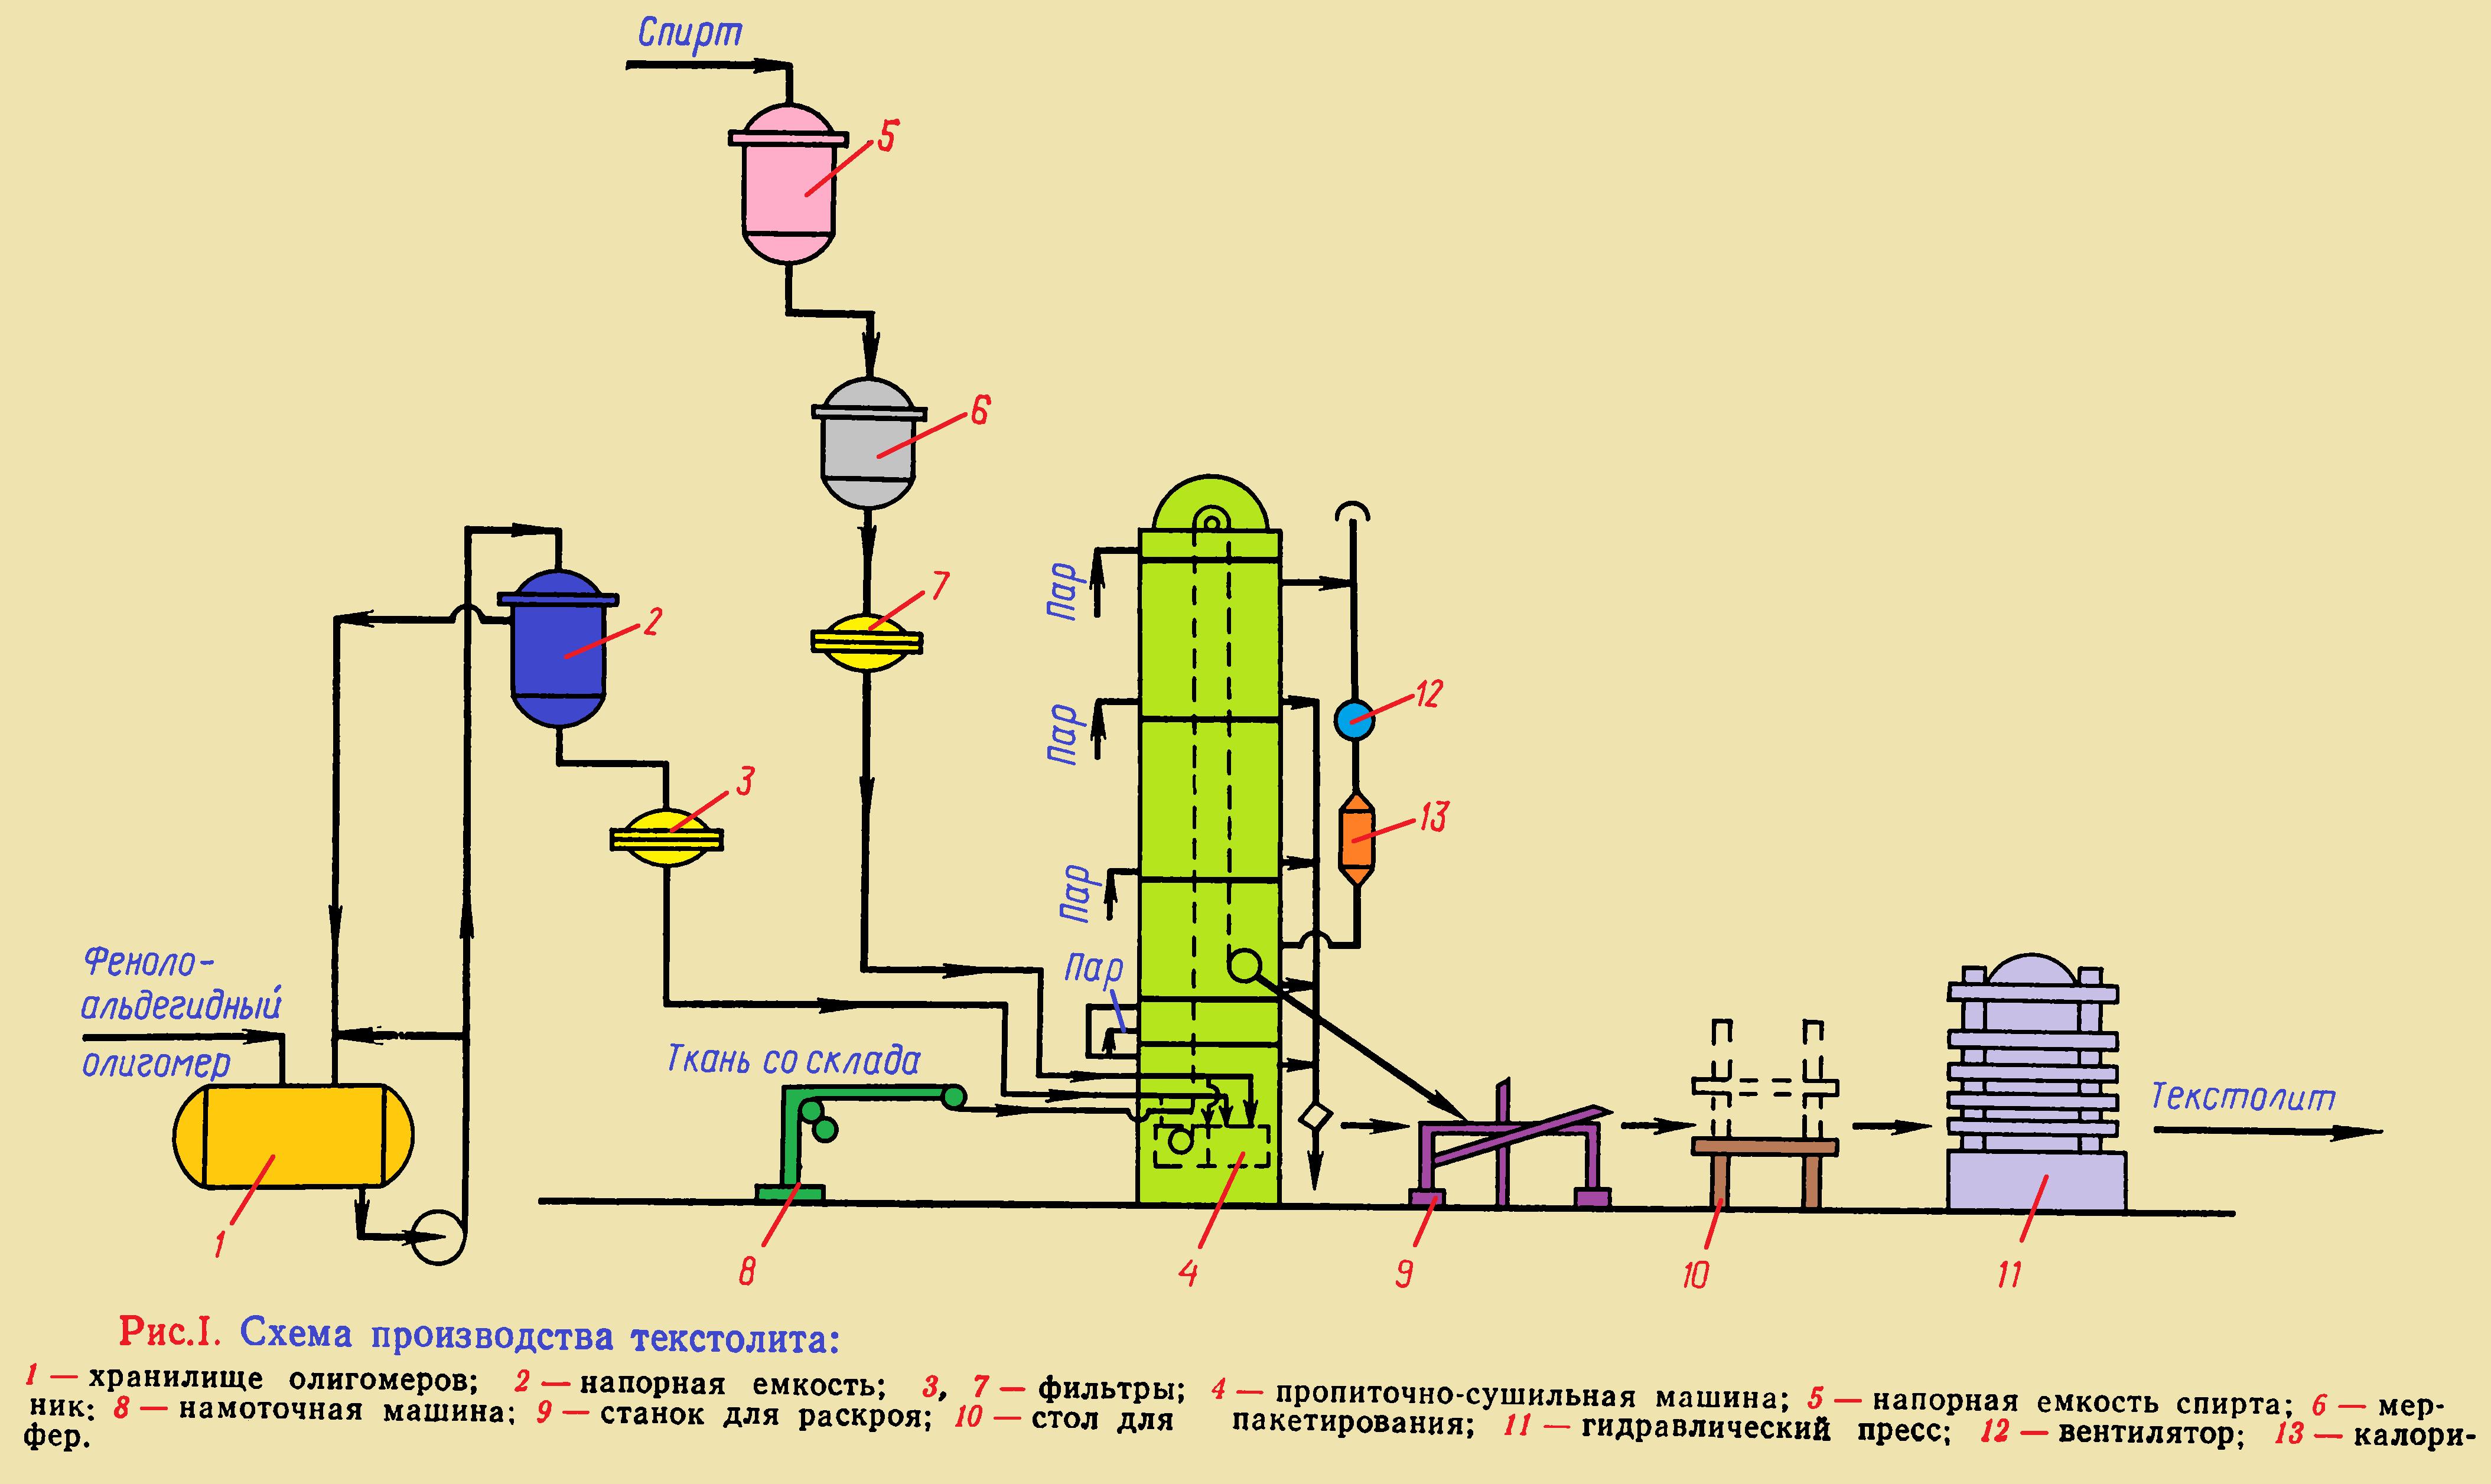 Схема производства текстолита